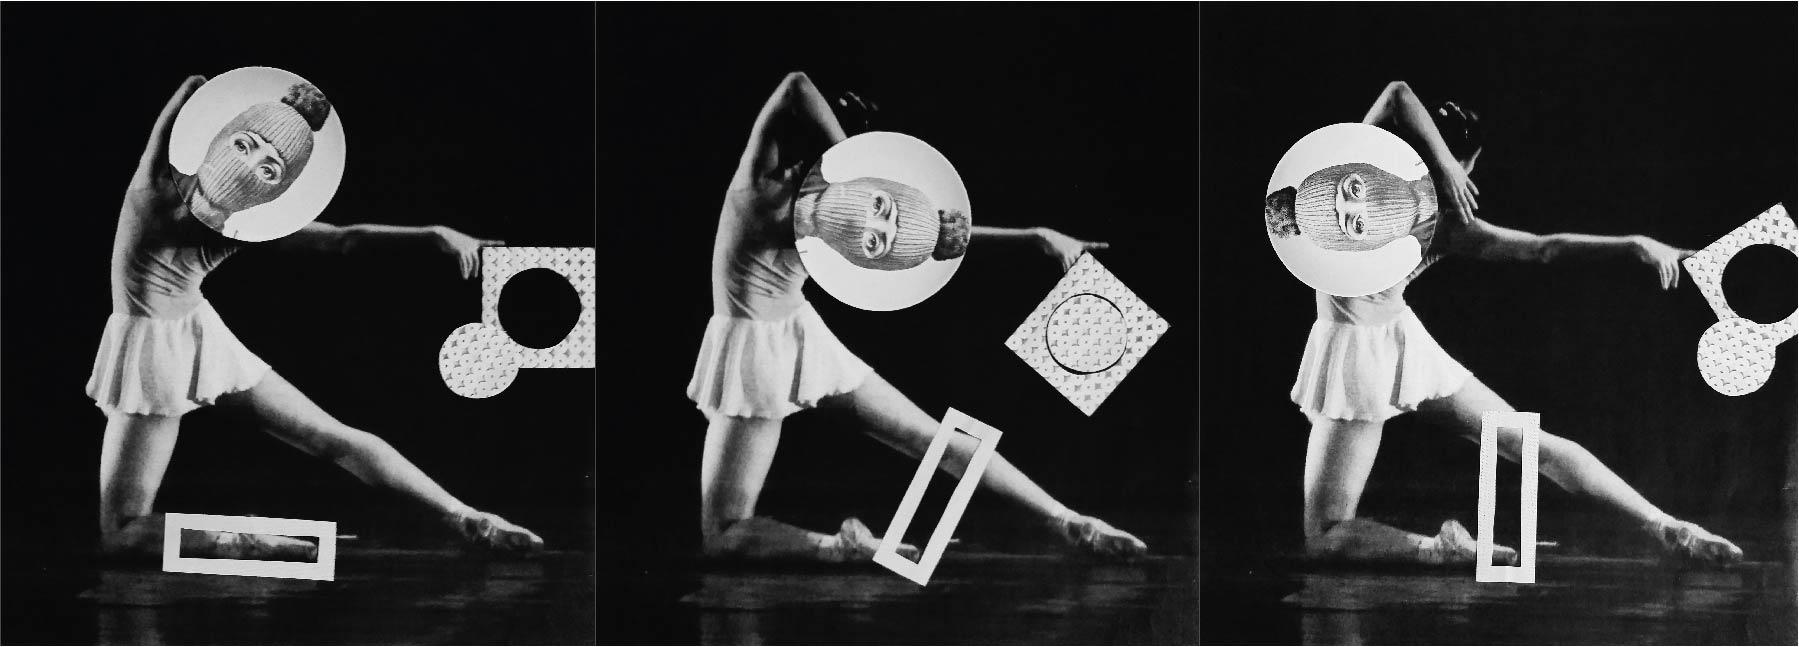 Eine weitere Aufgabe war es ein Foto durch geometrische Formen zu collagieren und Bilder durch verdrehbare Teile beweglich zu machen.